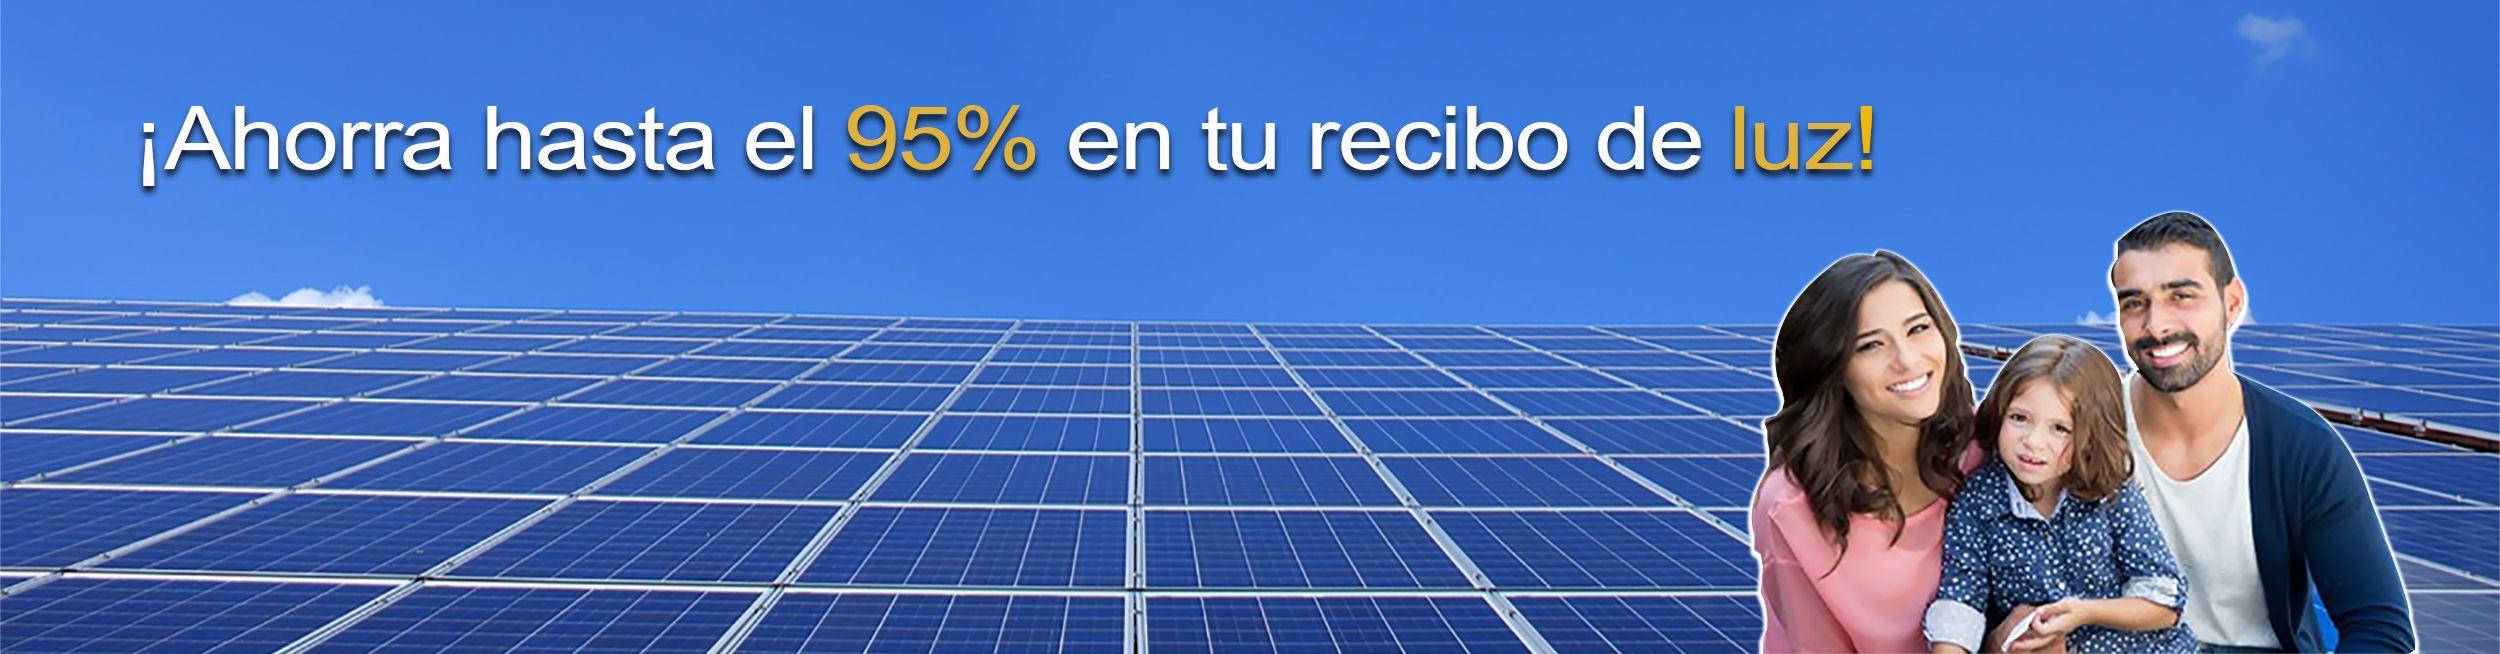 Ahorra hasta el 95%